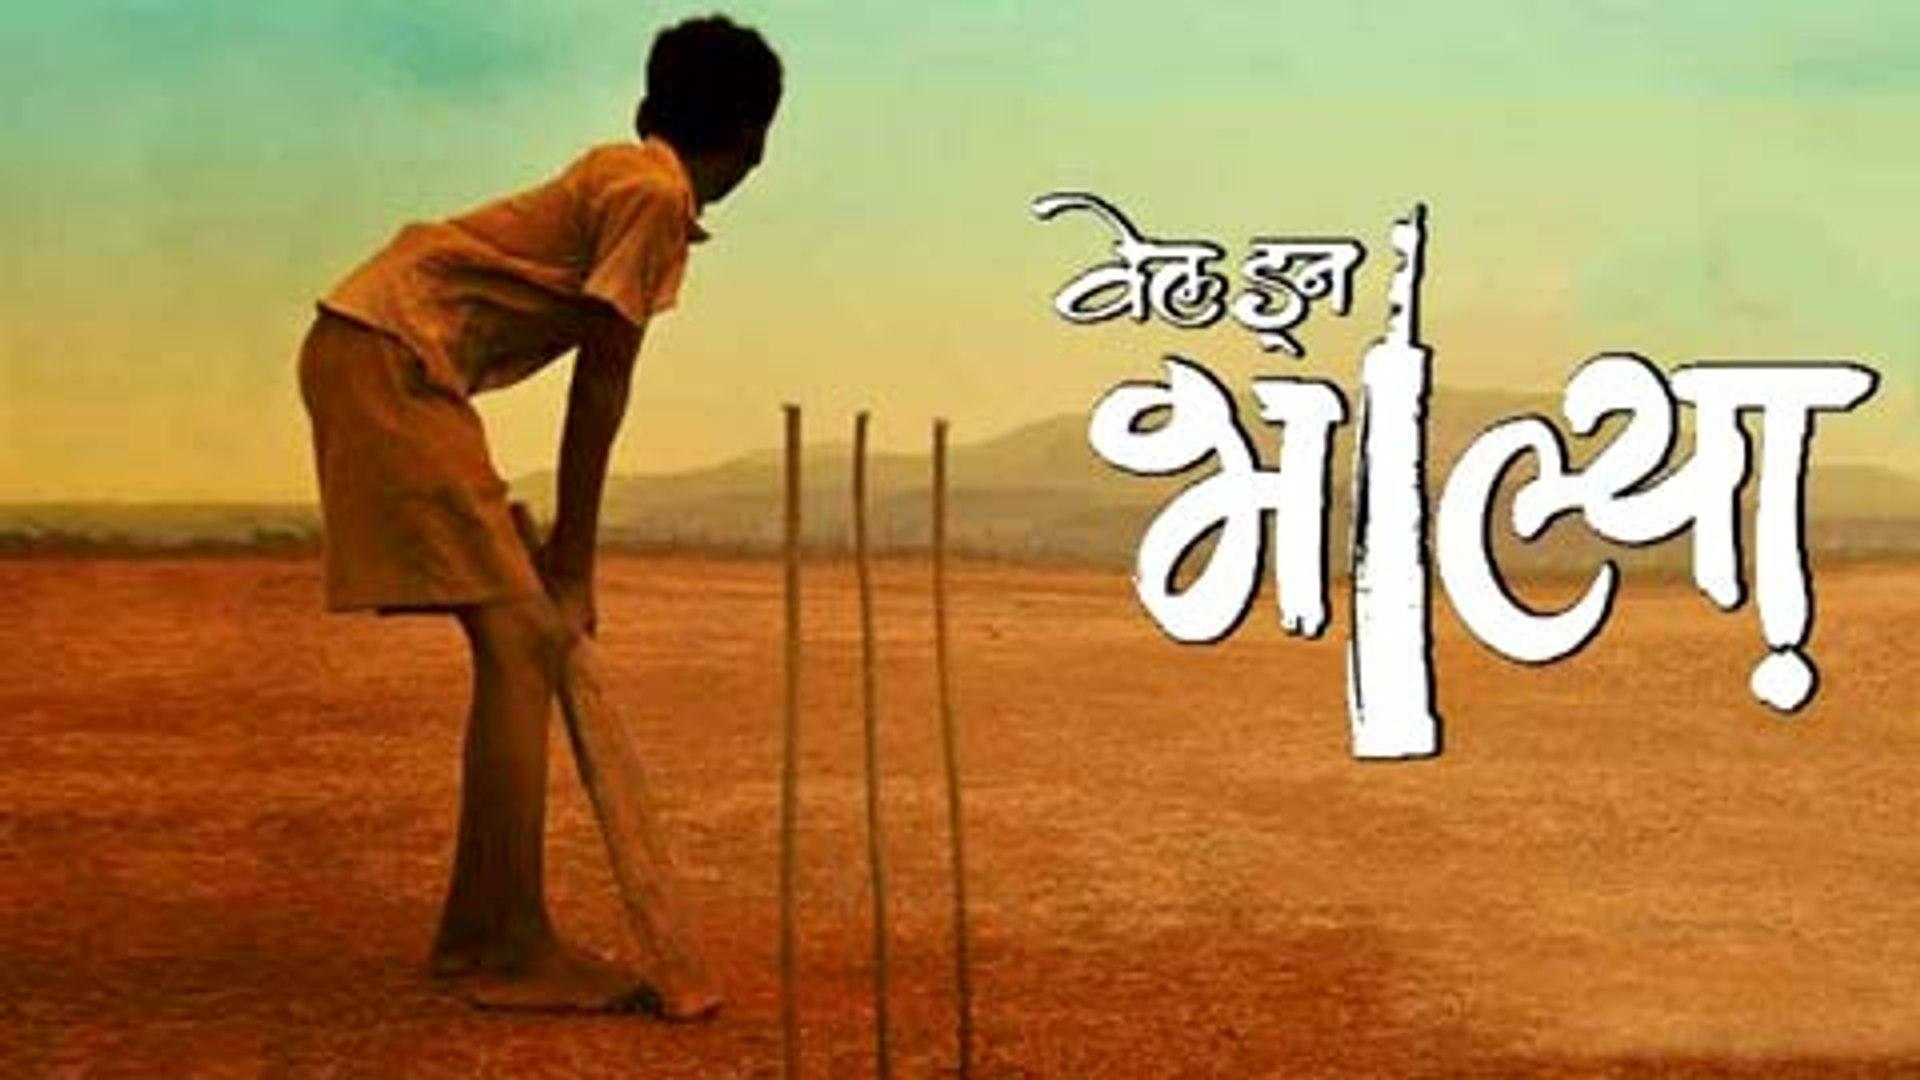 Well Done Bhalya Full Movie